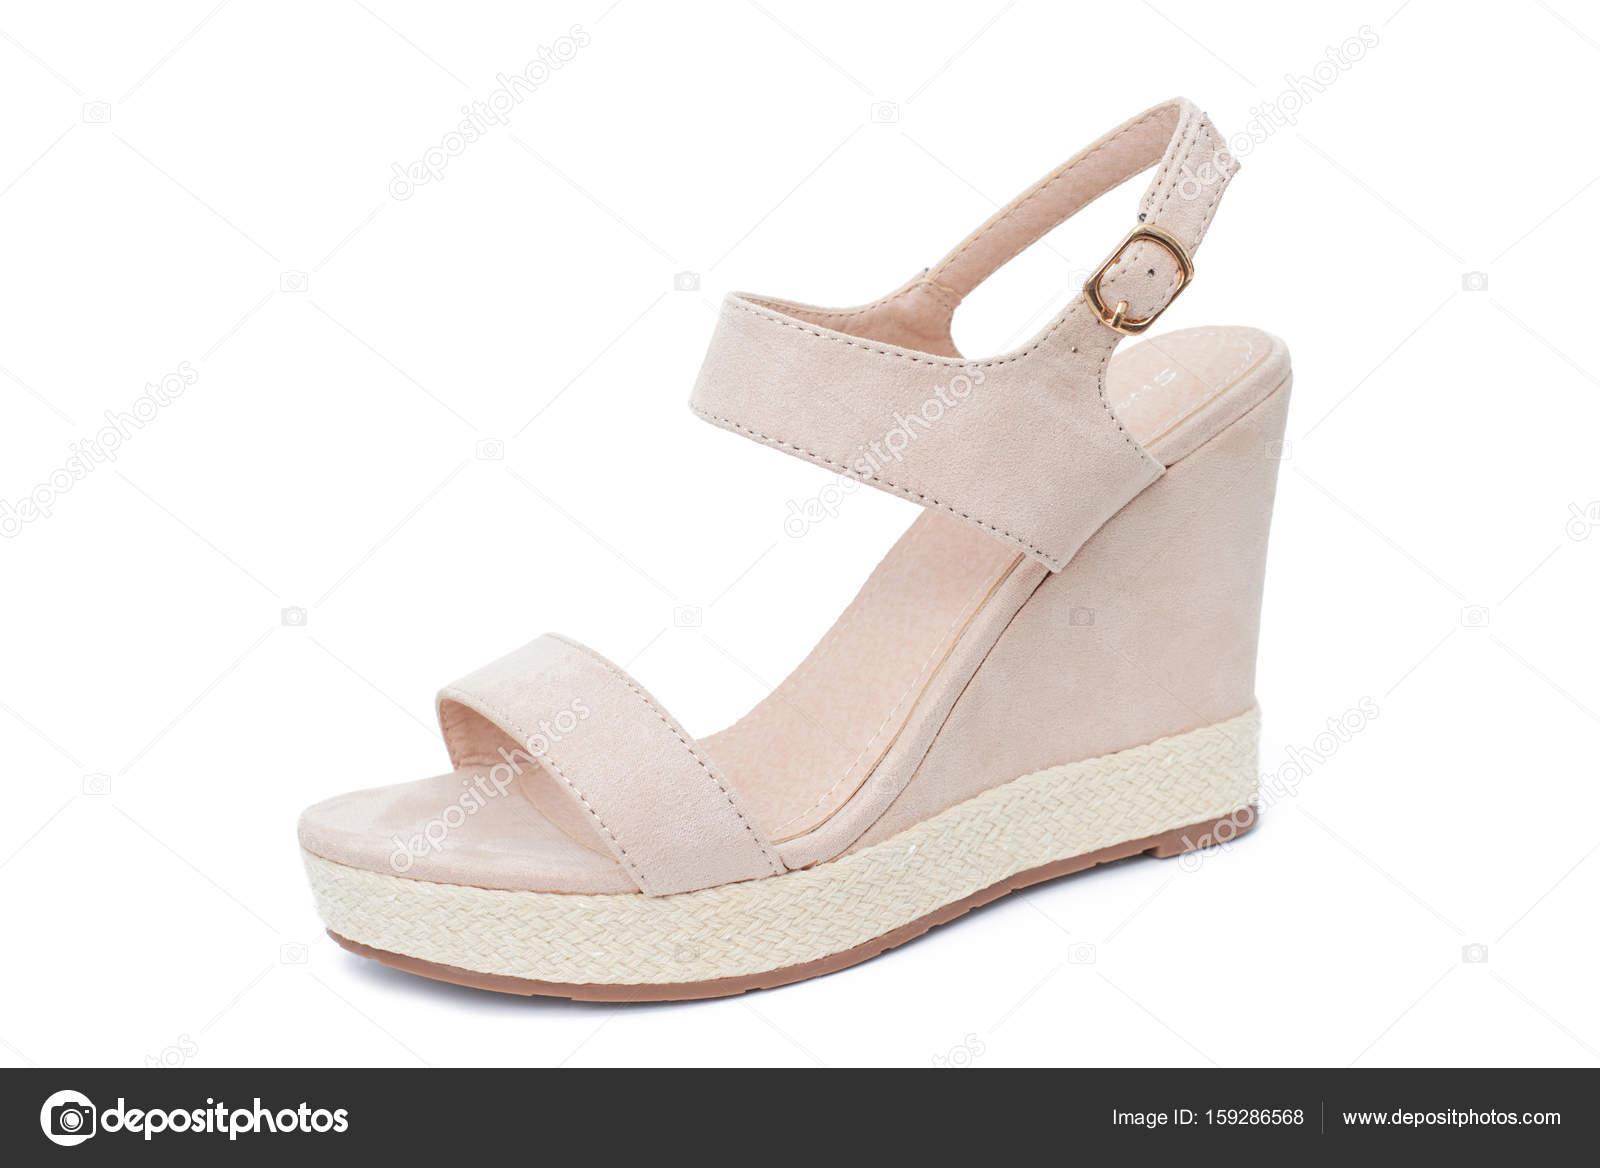 edfed68b82c Beige wedge sandal isolated on white background — Stock Photo ...